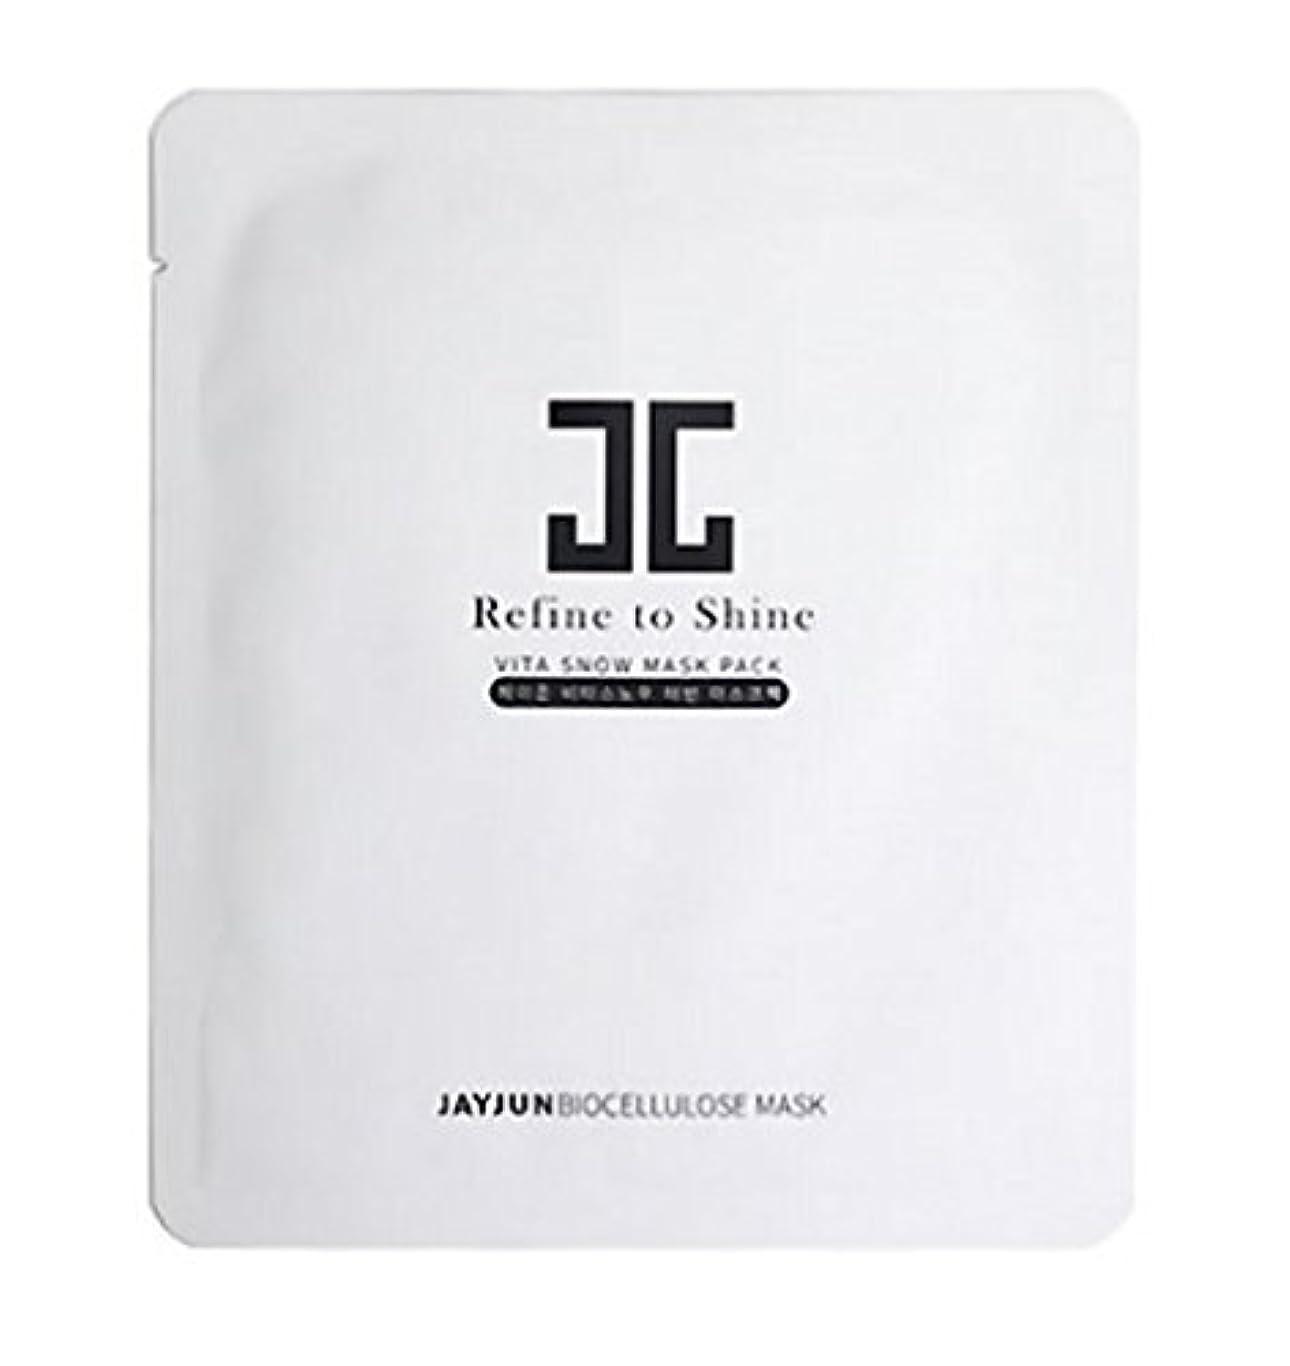 科学的優雅な遮るJAYJUN ジェイジュン ヴィタスノー プレミアム バイオセルロース プラセンタフェイシャルマスク[5枚入り]Vita Snow Premium Bio Cellulose placenta Facial Mask [...